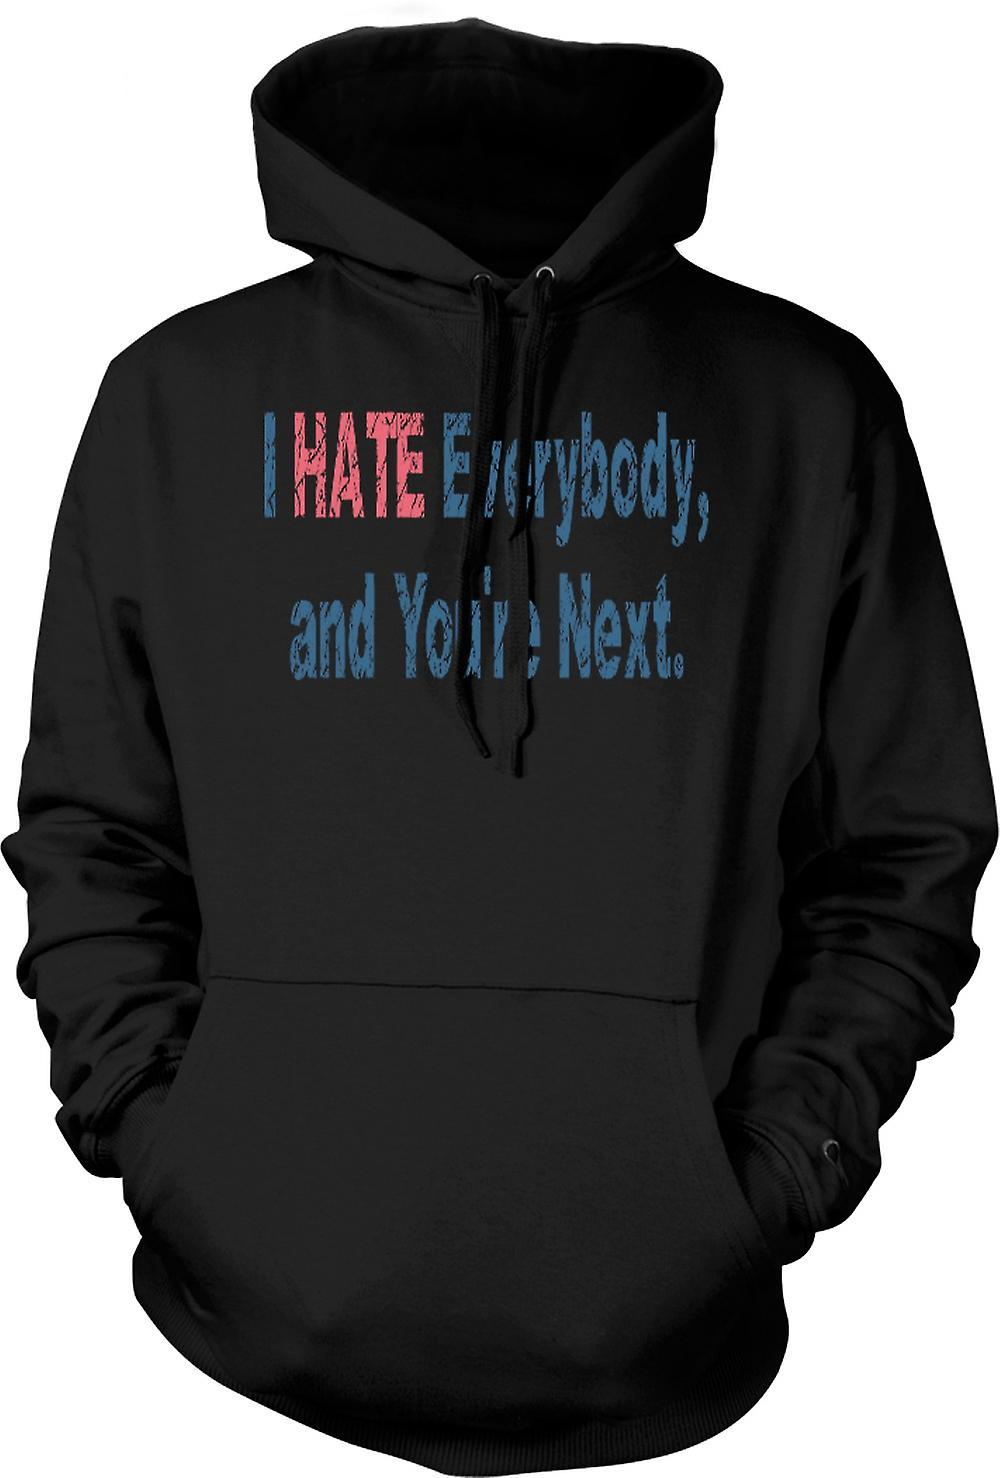 Mens Hoodie - je déteste tout le monde et vous êtes ensuite.